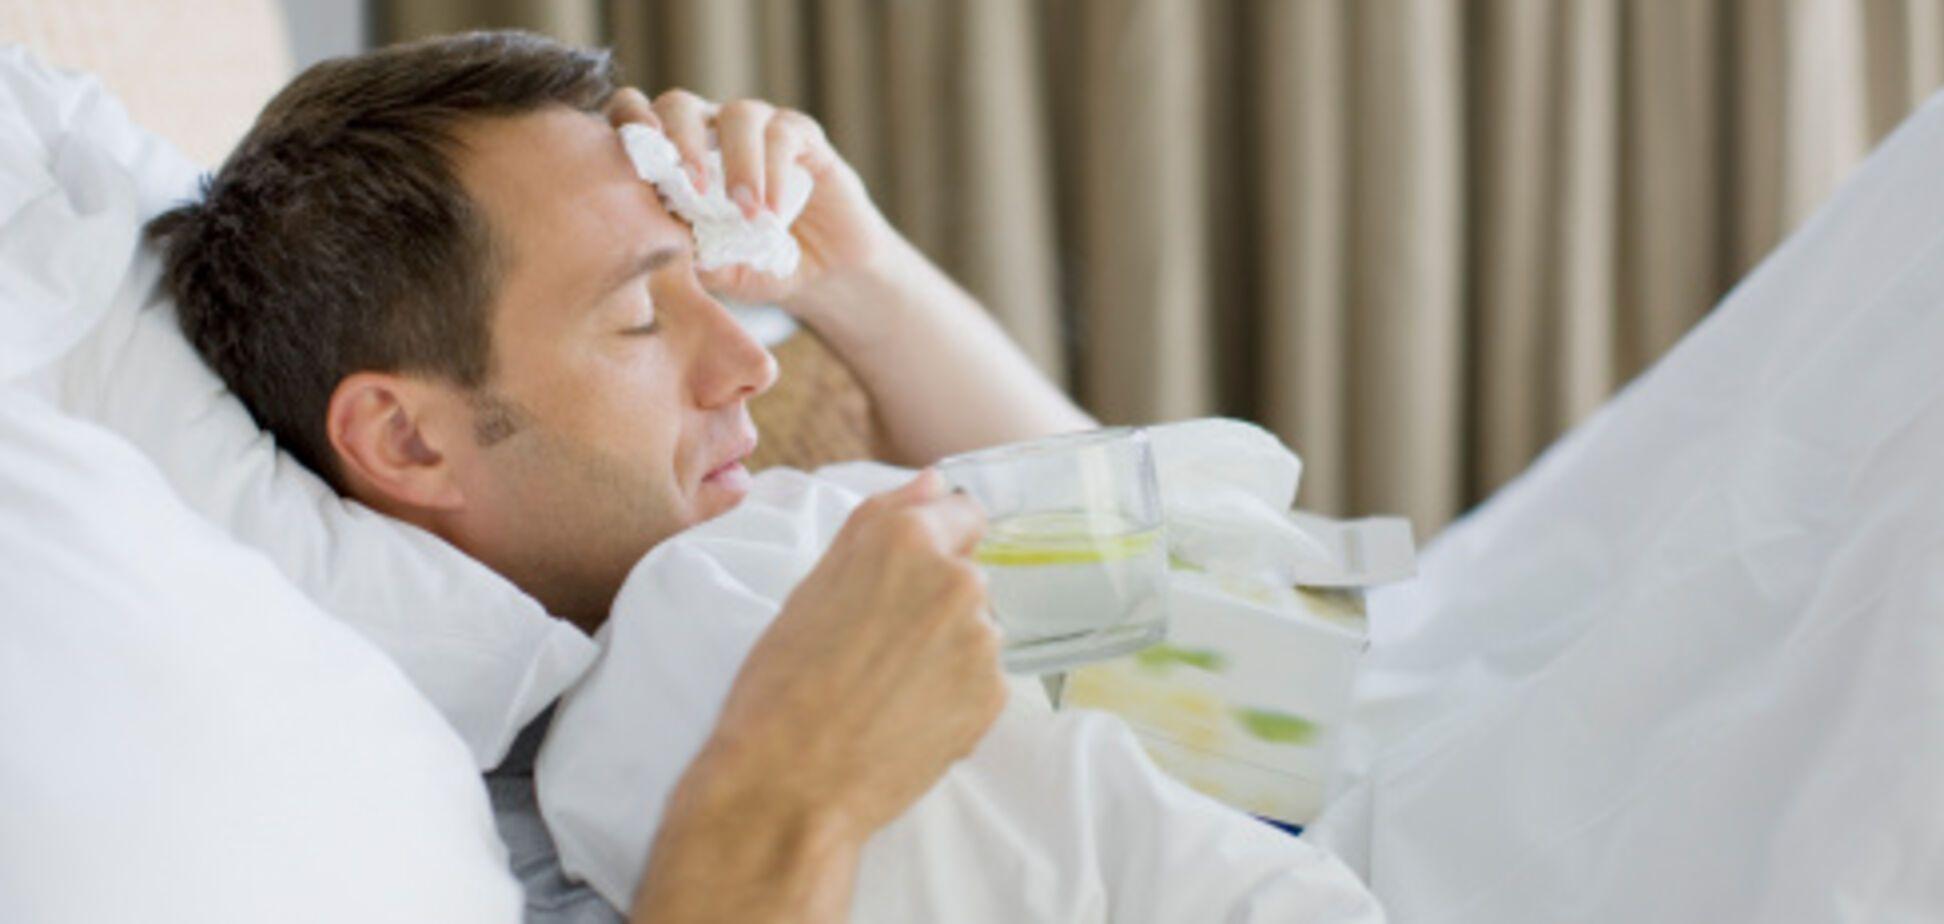 Ученые изобрели инновационную вакцину от гриппа